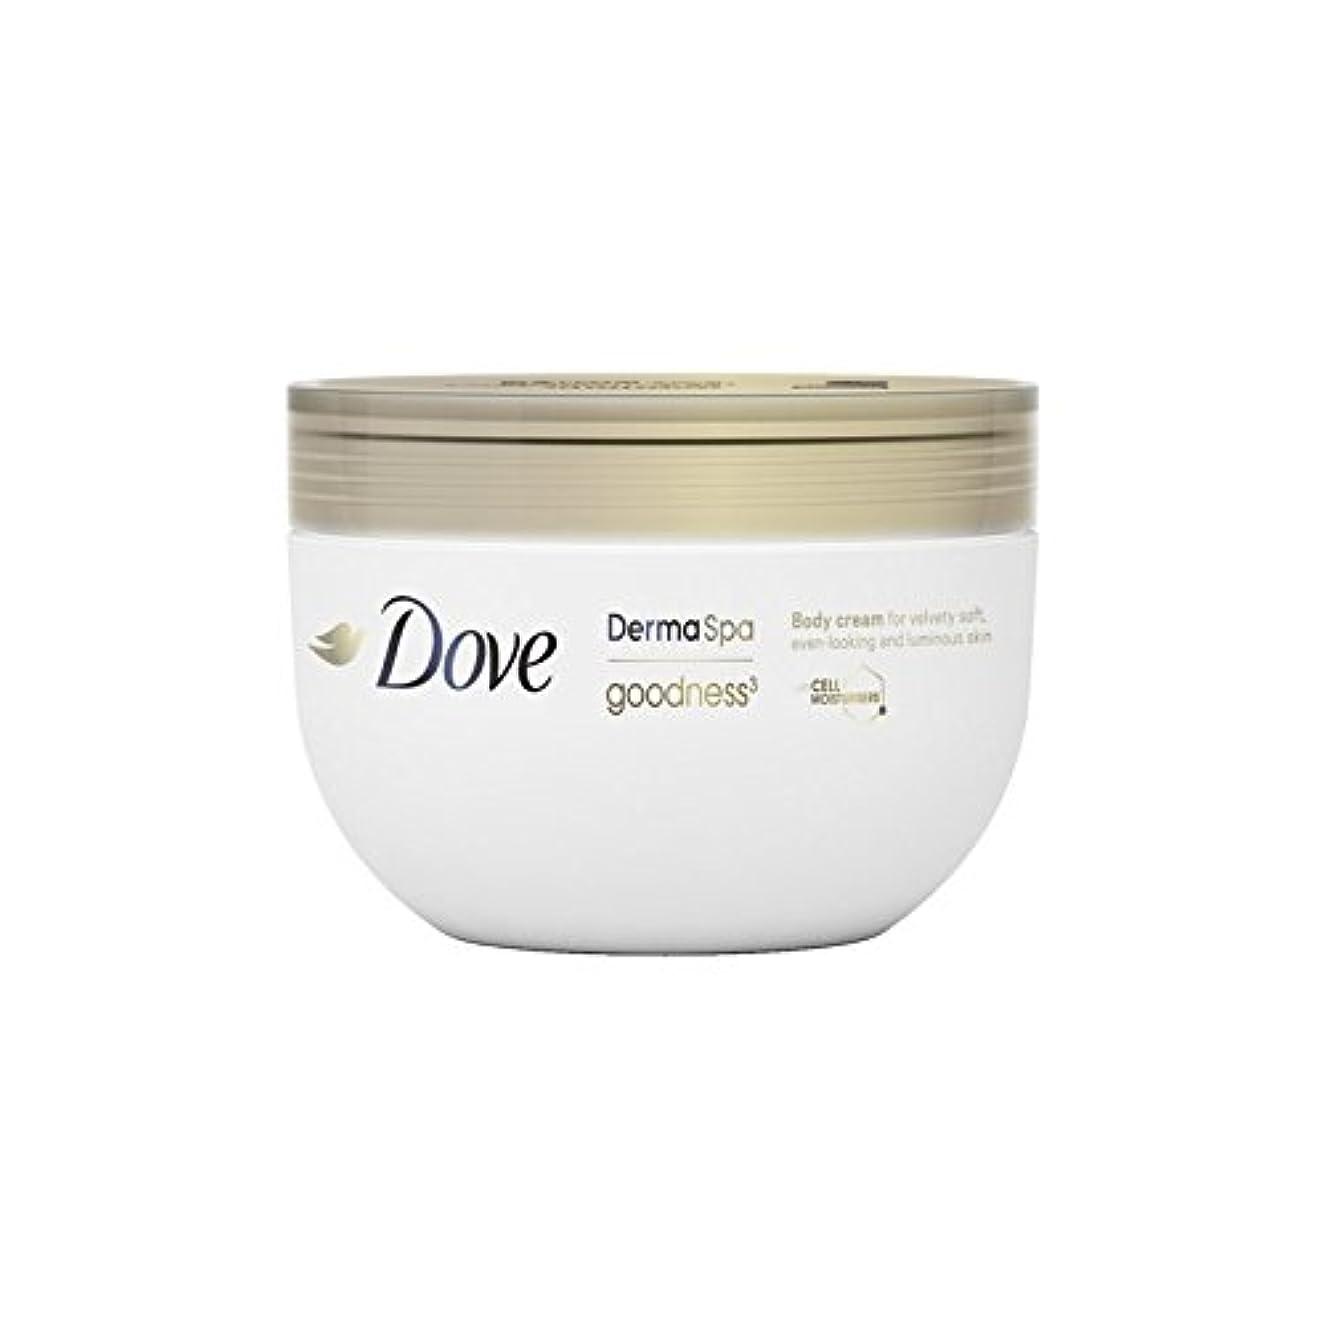 適合しましたあえぎ意図する鳩の3ボディクリーム(300ミリリットル) x2 - Dove DermaSpa Goodness3 Body Cream (300ml) (Pack of 2) [並行輸入品]